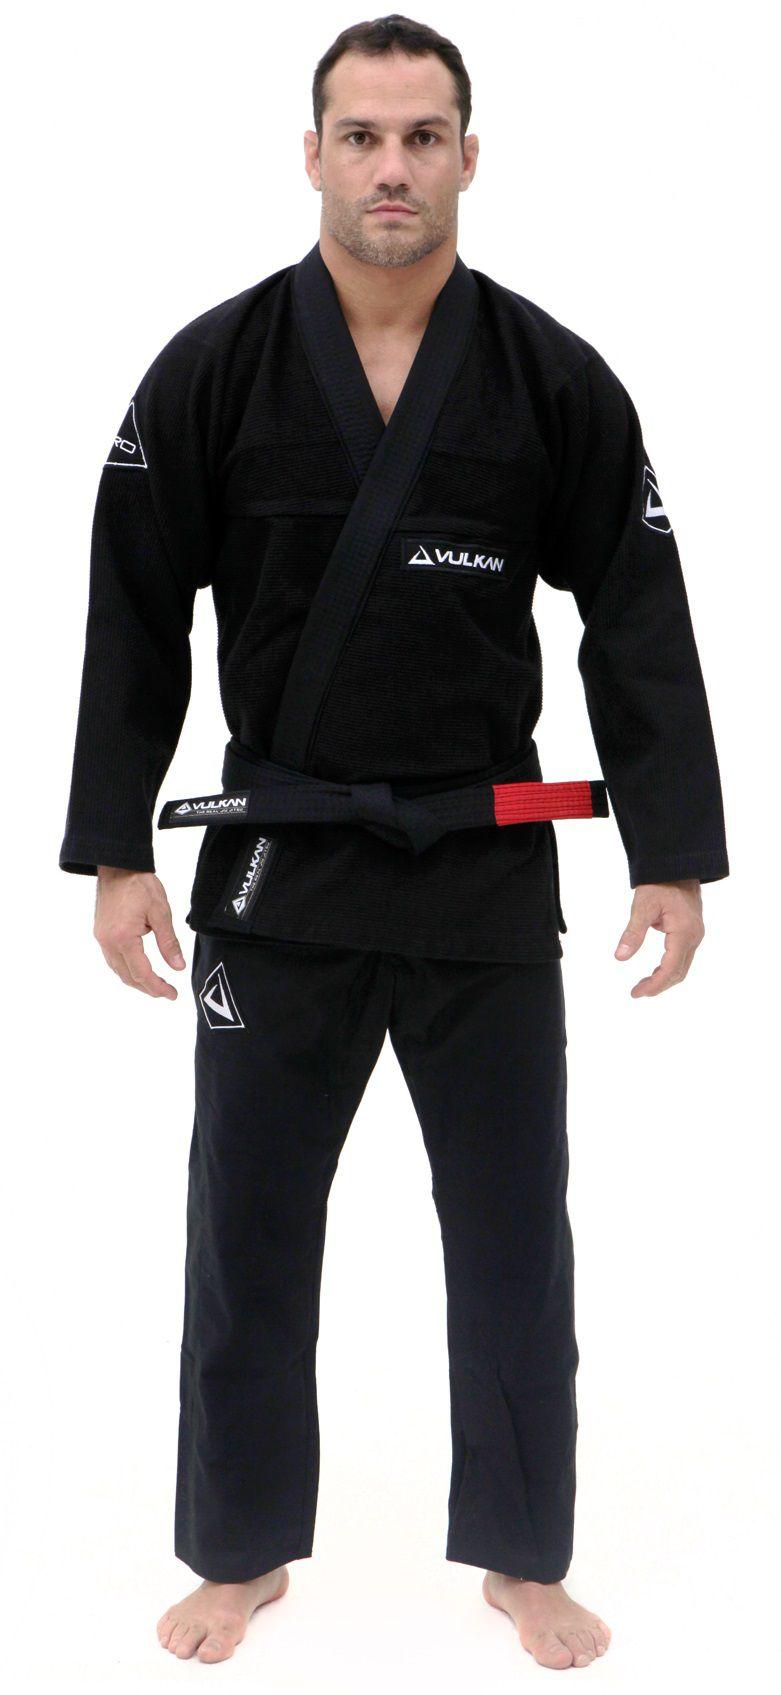 Kimono Vulkan Para Jiu-jitsu Profissional Adulto - Pro Evolution Preto Masculino